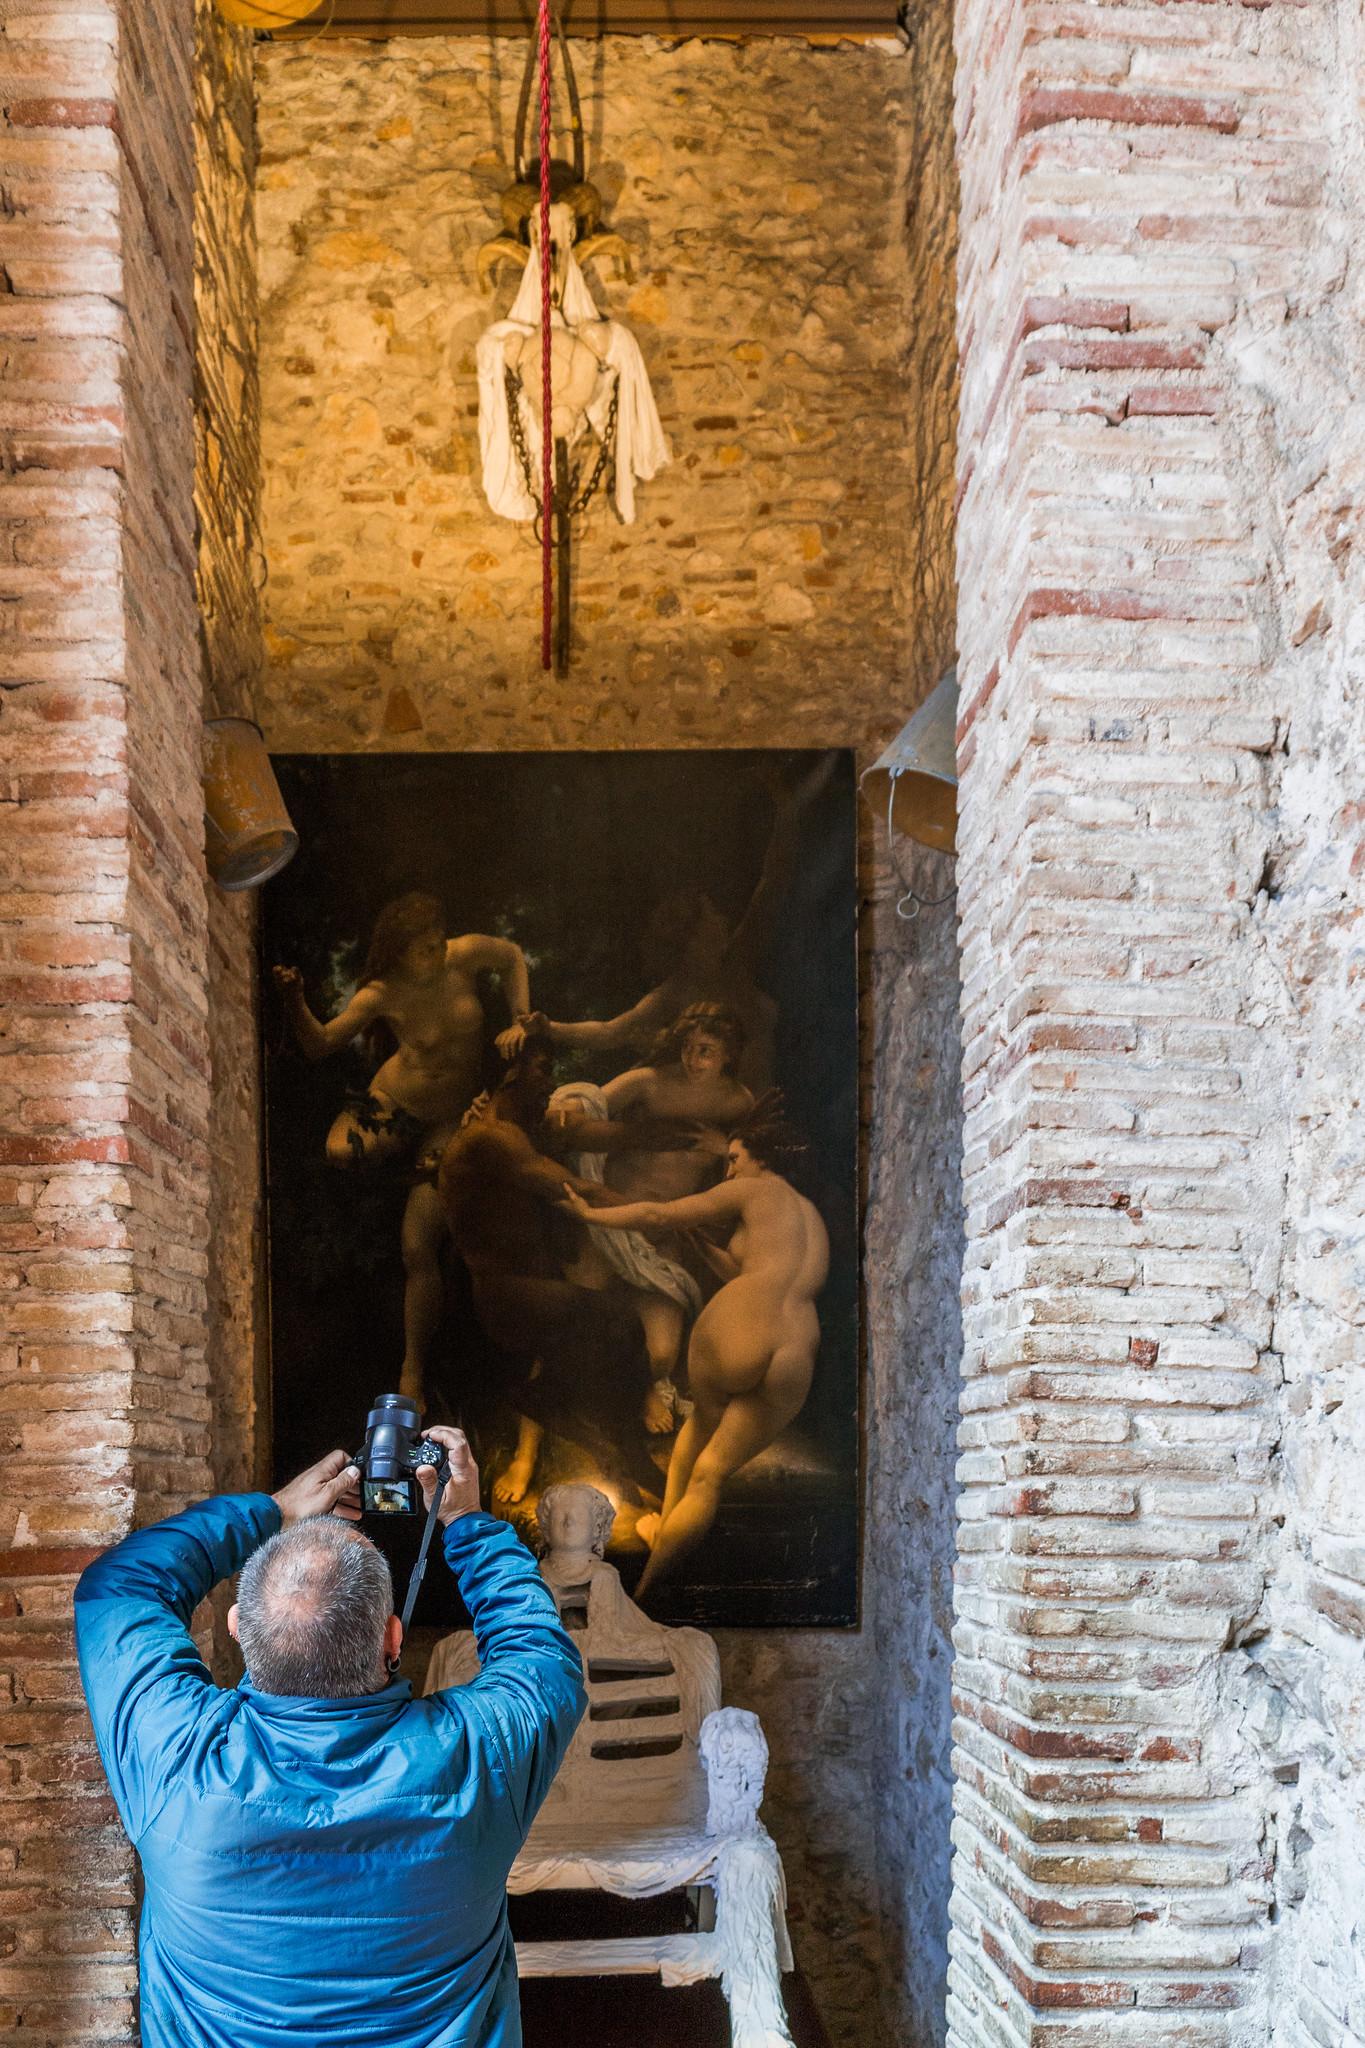 un uomo scatta la foto di un dipinto più in alto di lui